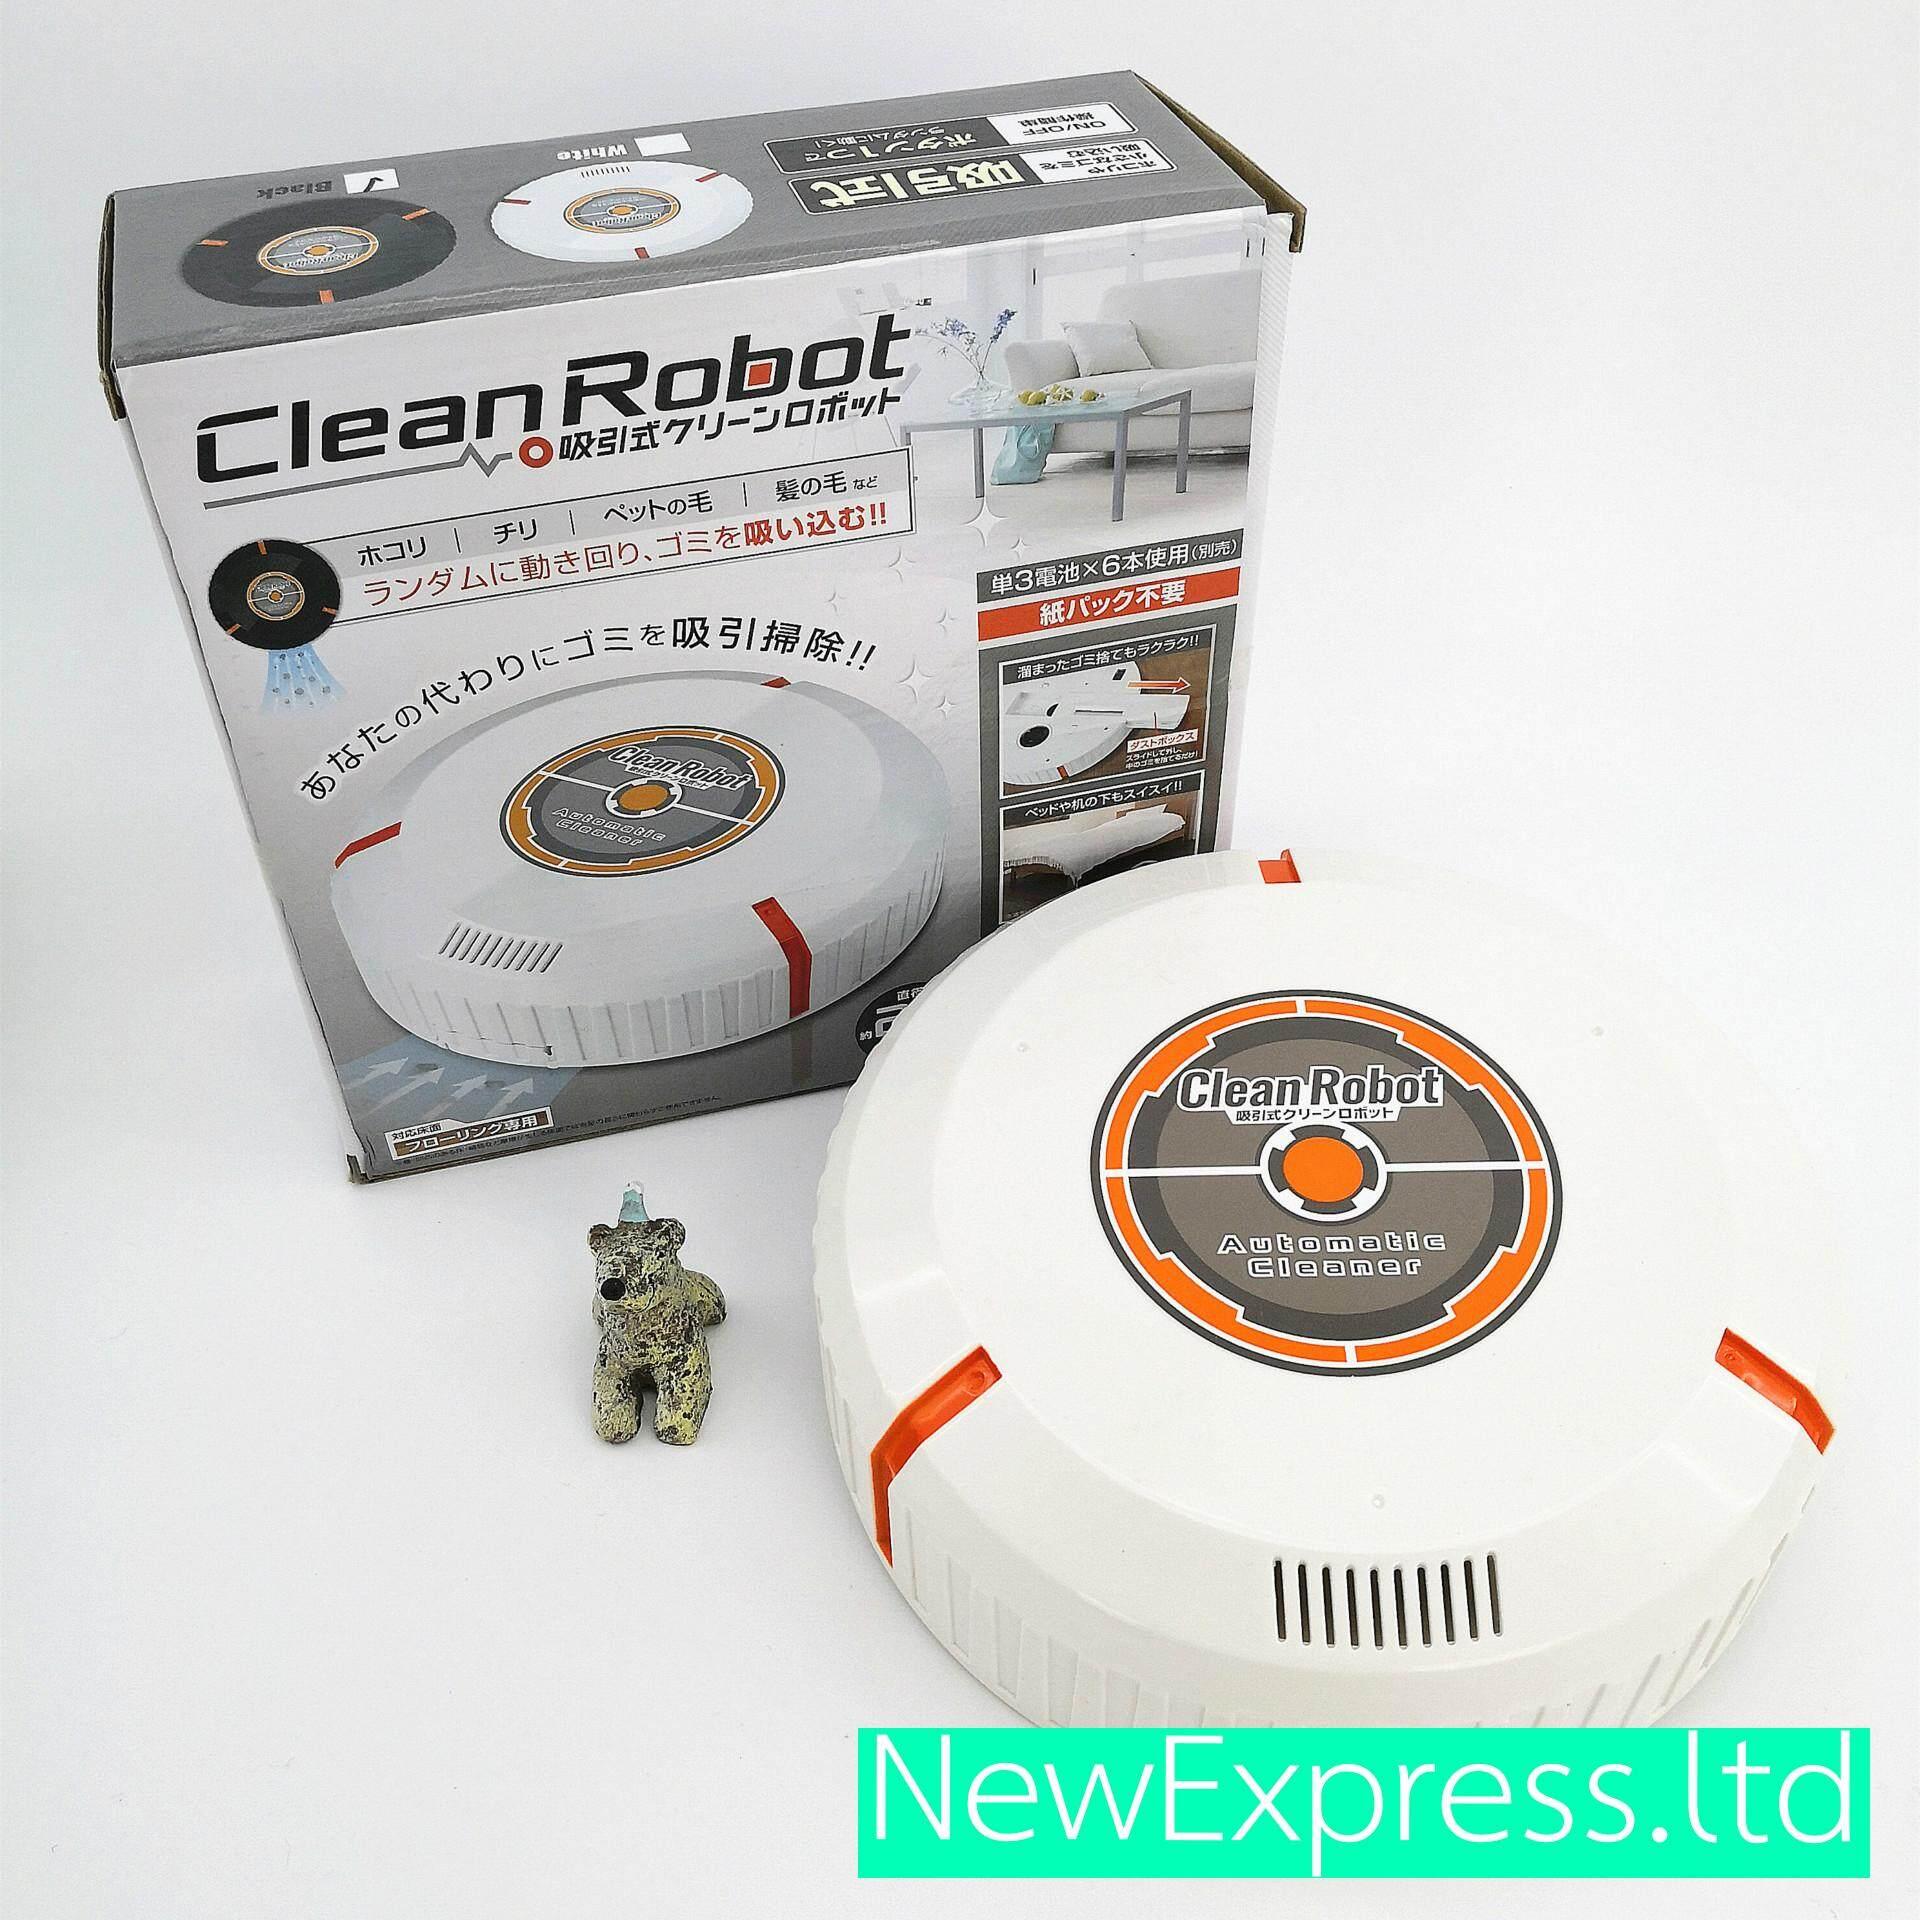 รุ่นใหม่ 2019 หุ่นยนต์ดูดฝุ่น เครื่องดูดฝุ่น Japan Clean Robotแถมฟรีถ่านชาร์จ6ก้อนพร้อมเครื่องชาร์จ1ชิ้นทั้งหมด1ชุด (Robots Japan Clean Robot Vacuum Cleaner with 6 chargers and 1 charger.)  รุ่นC-23 ลดราคา 2019